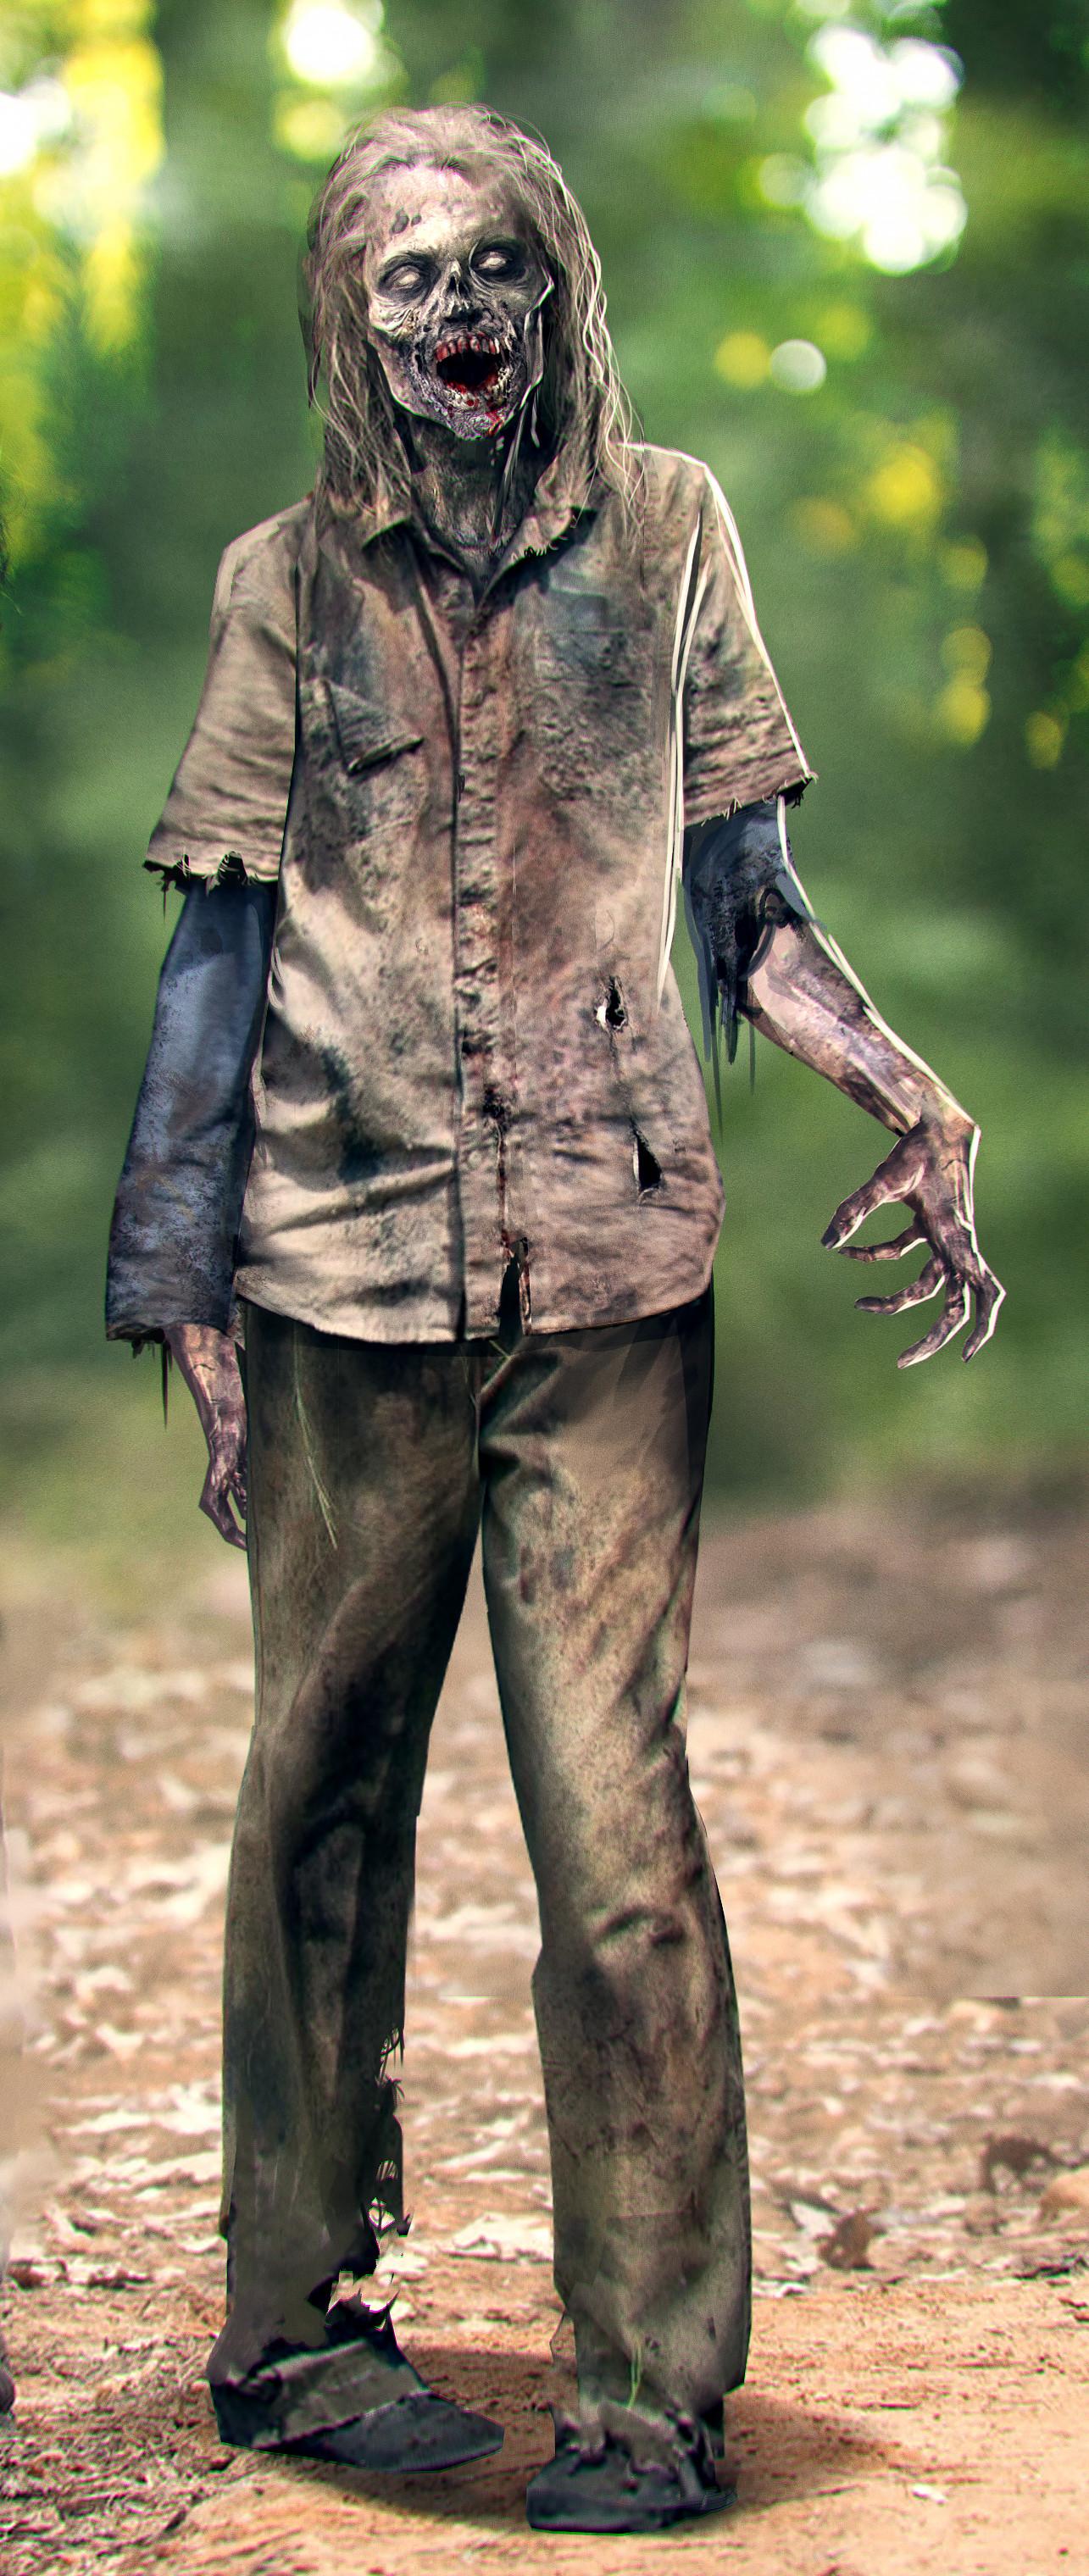 Tokkun studio zombie3 05 1